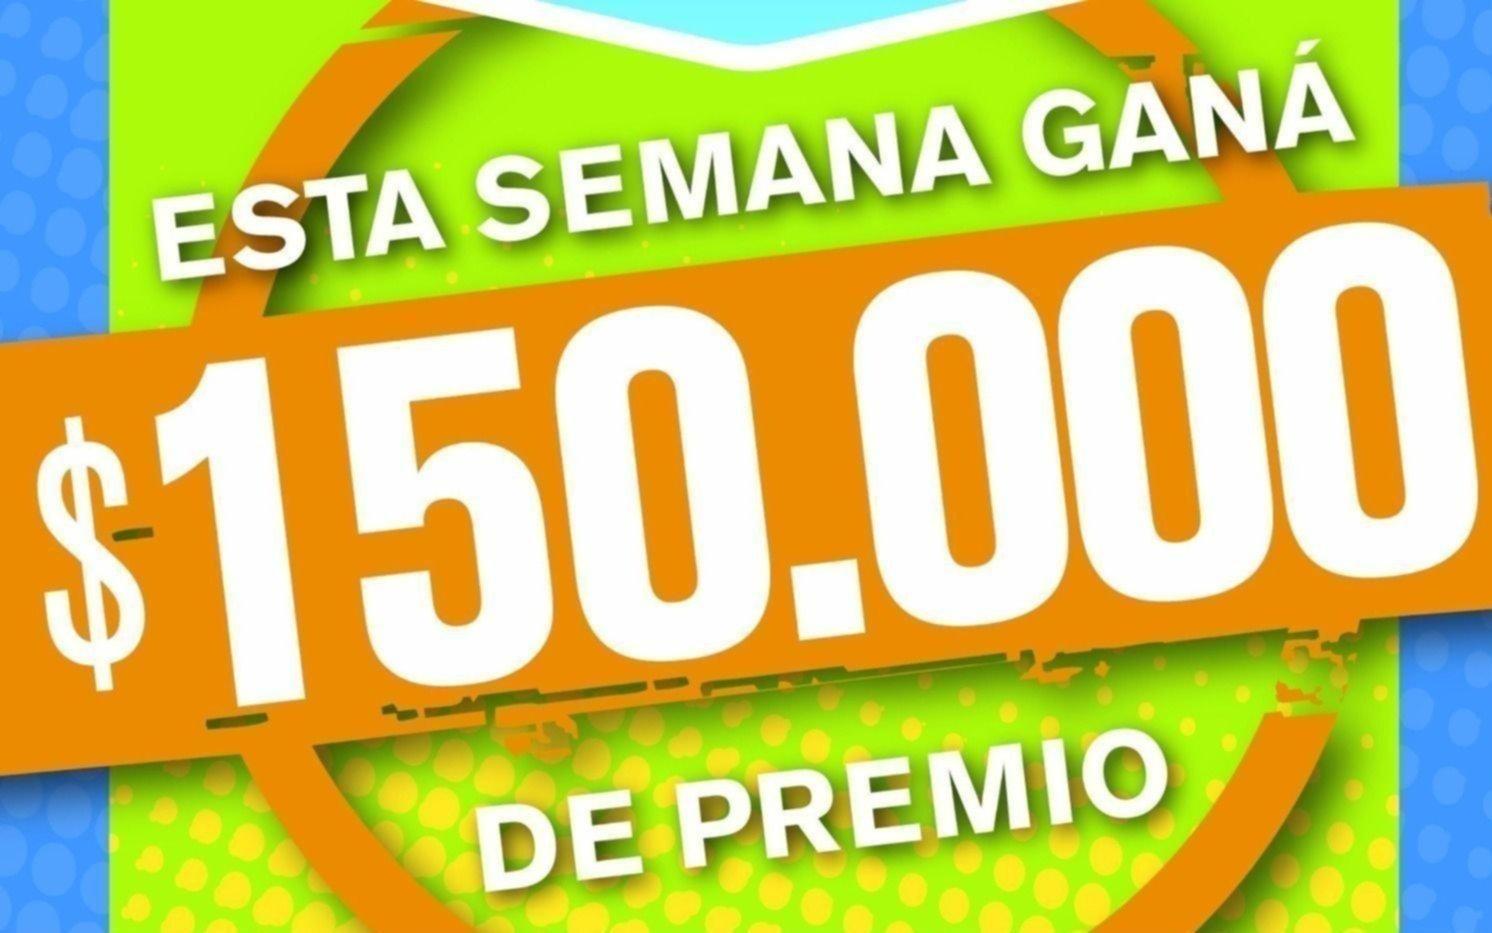 El Cartonazo quedó vacante y ahora están en juego 150 mil pesos